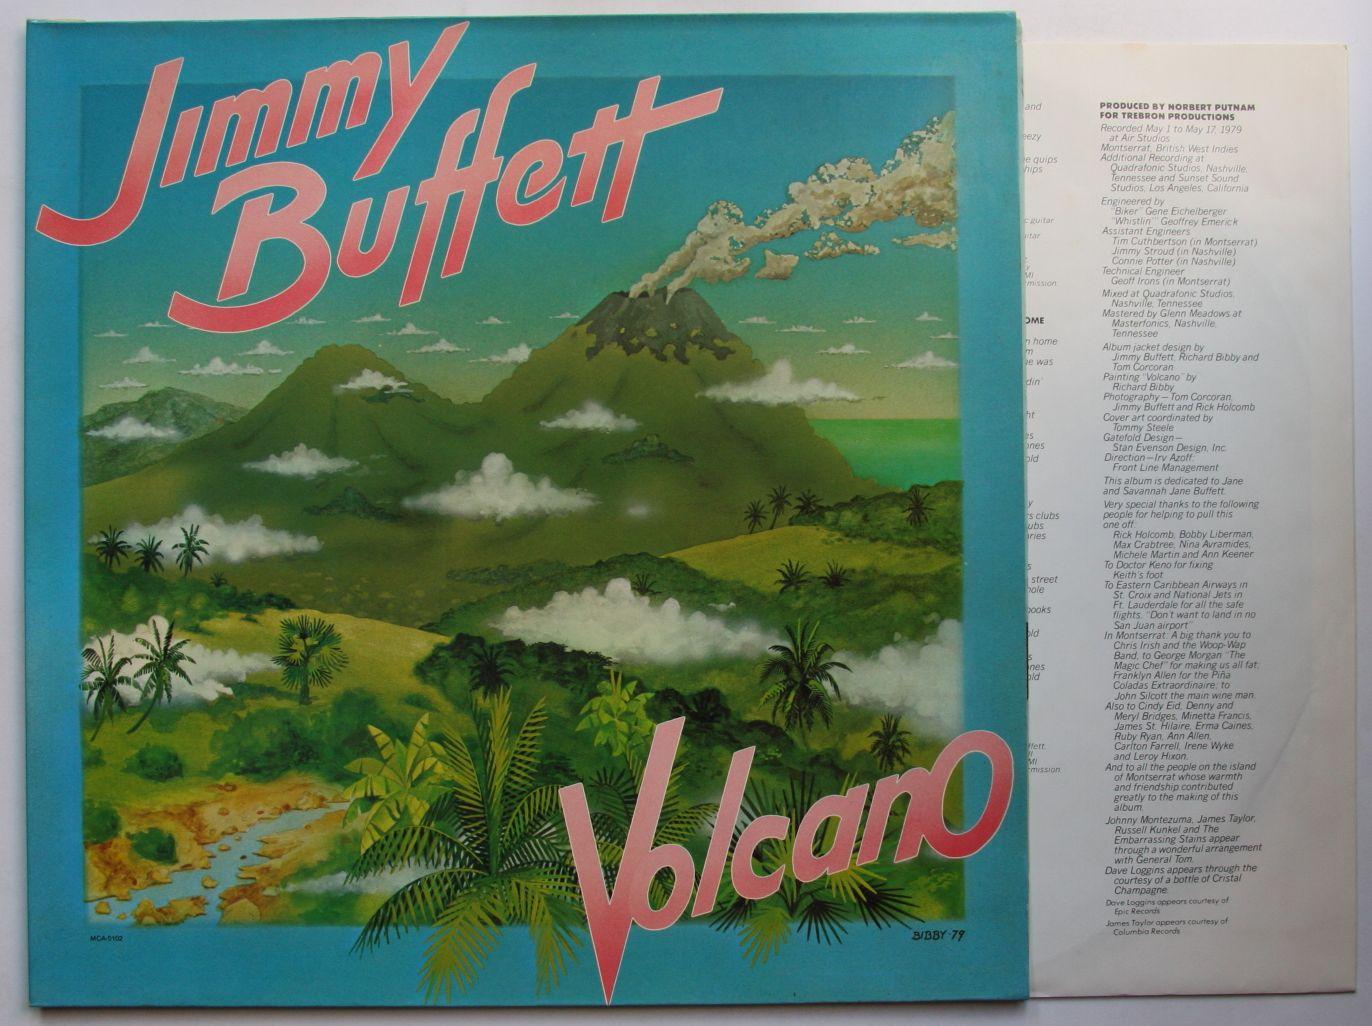 Jimmy Buffett - Volcano Vinyl